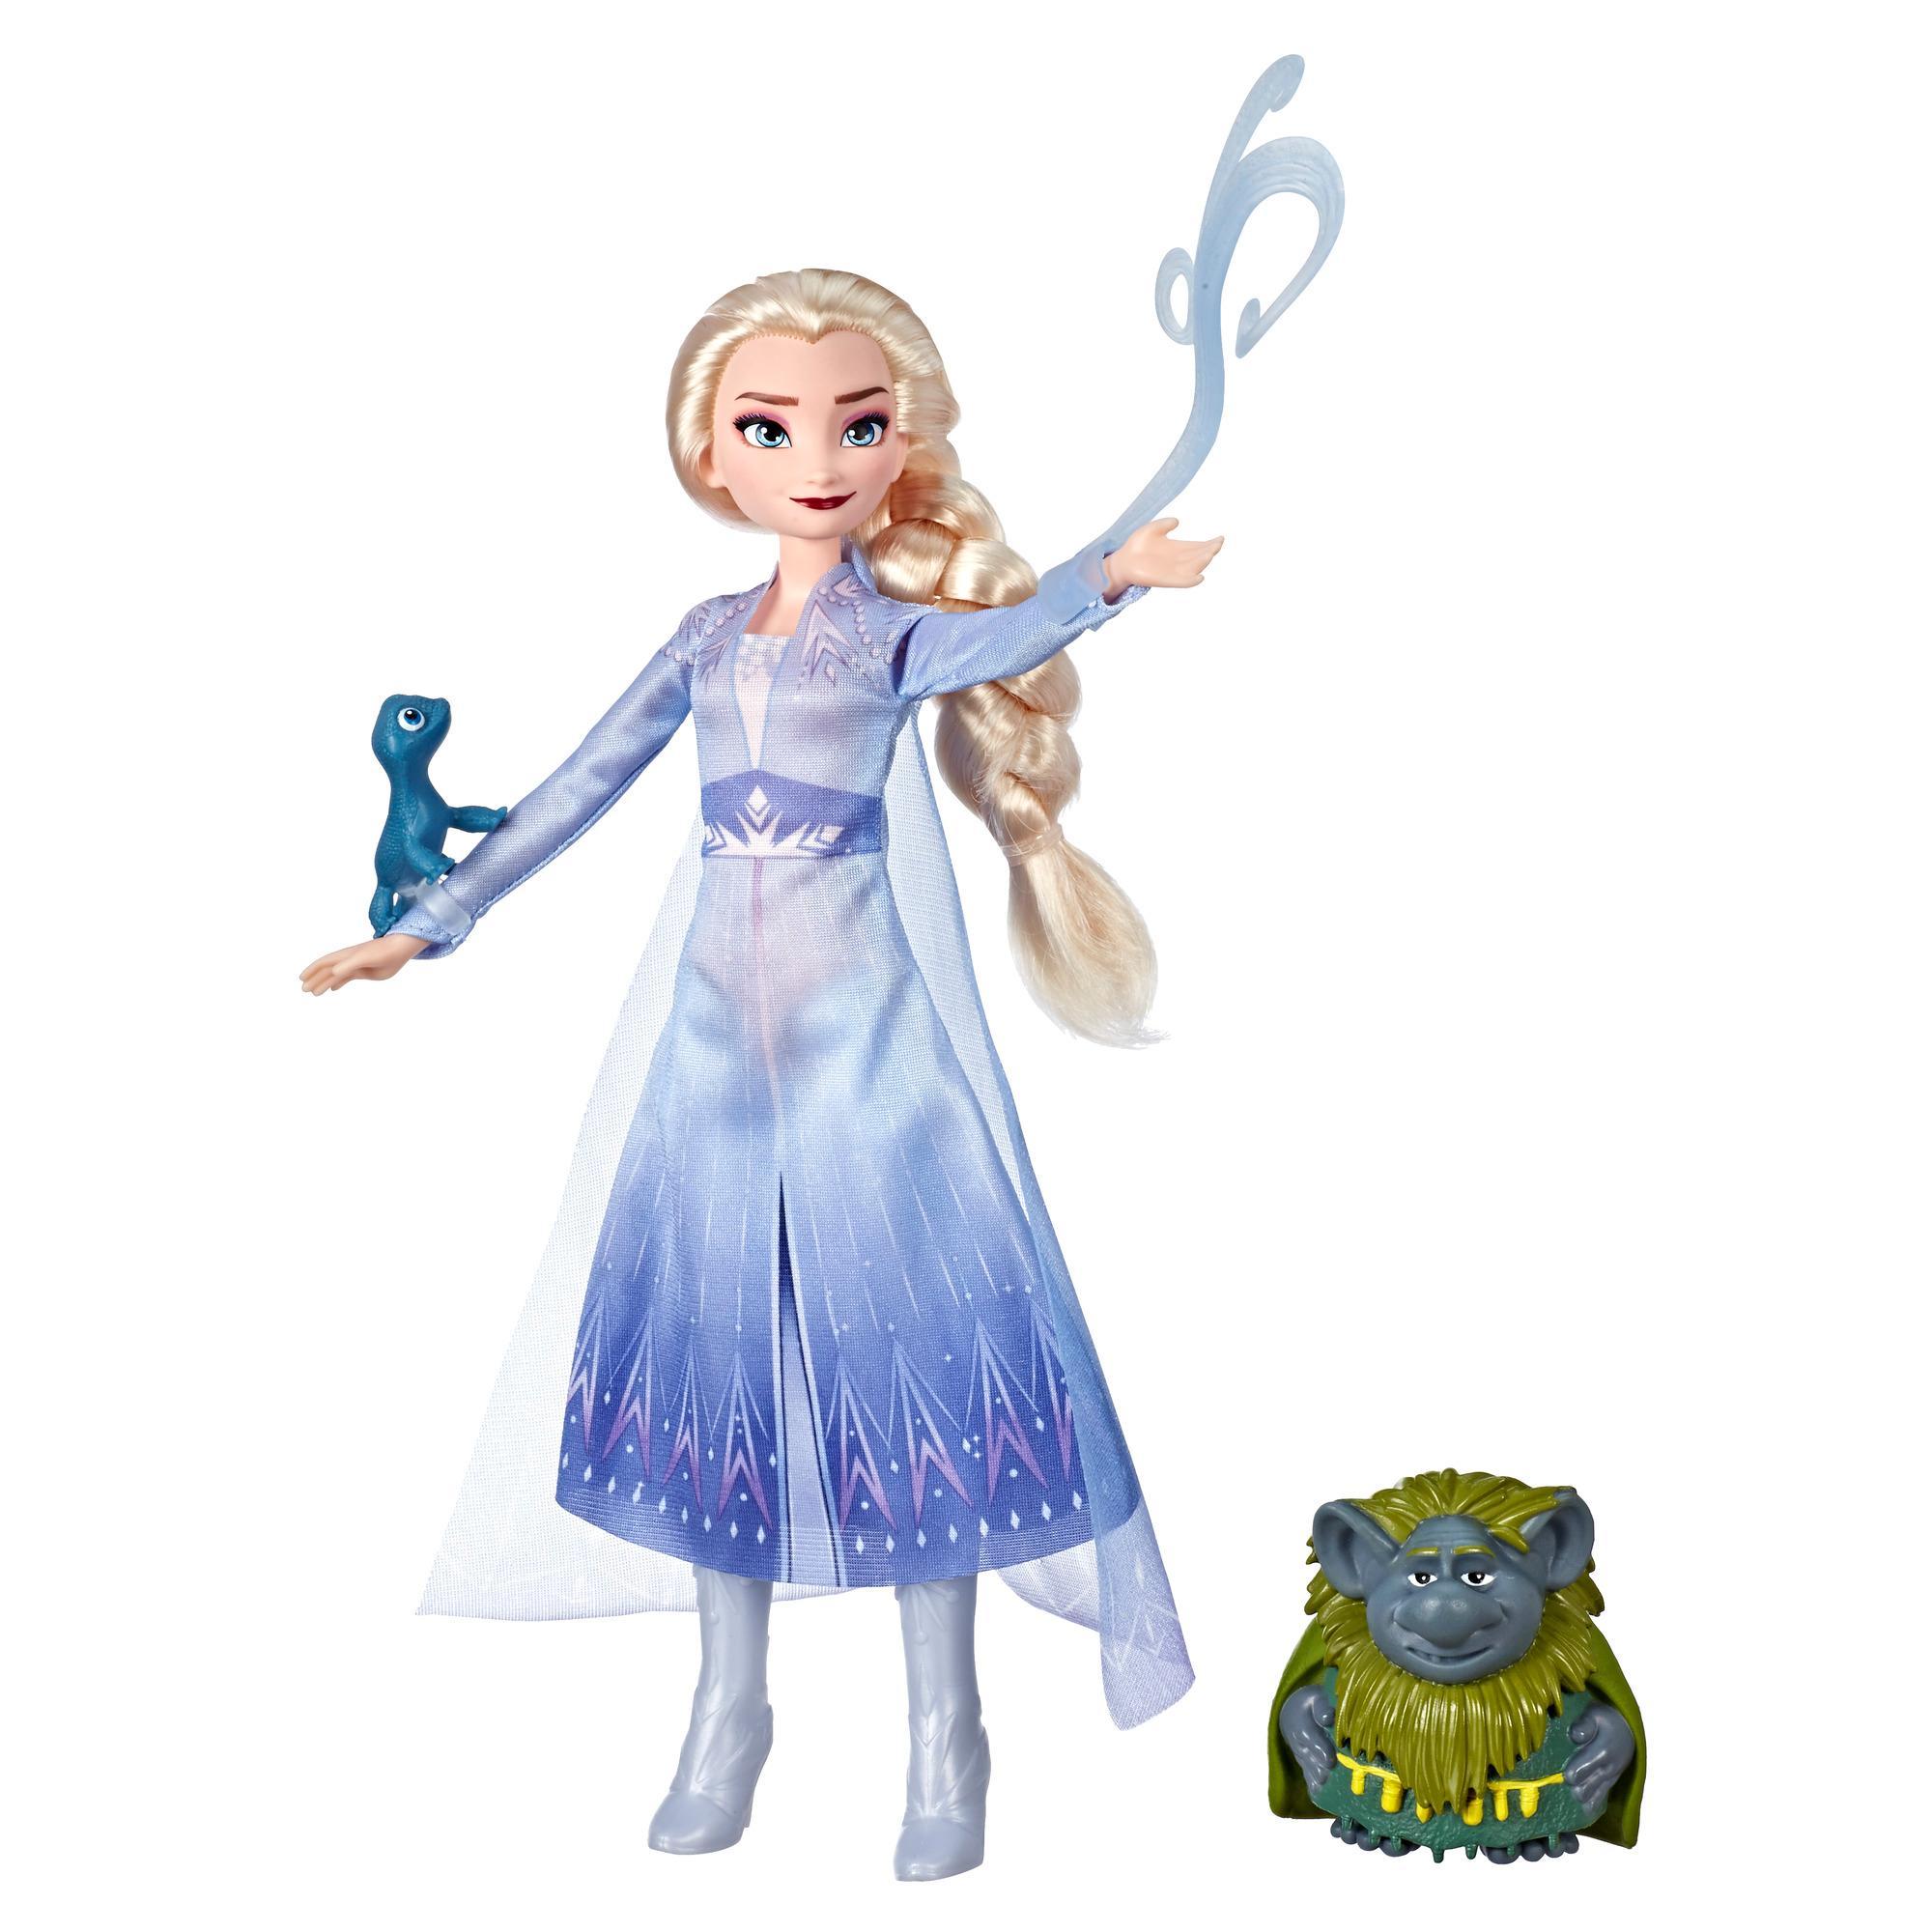 Disney Frozen - Muñeca de Elsa con ropa de viaje inspirada en Frozen 2, figura de Pabbie y figura de Salamandra